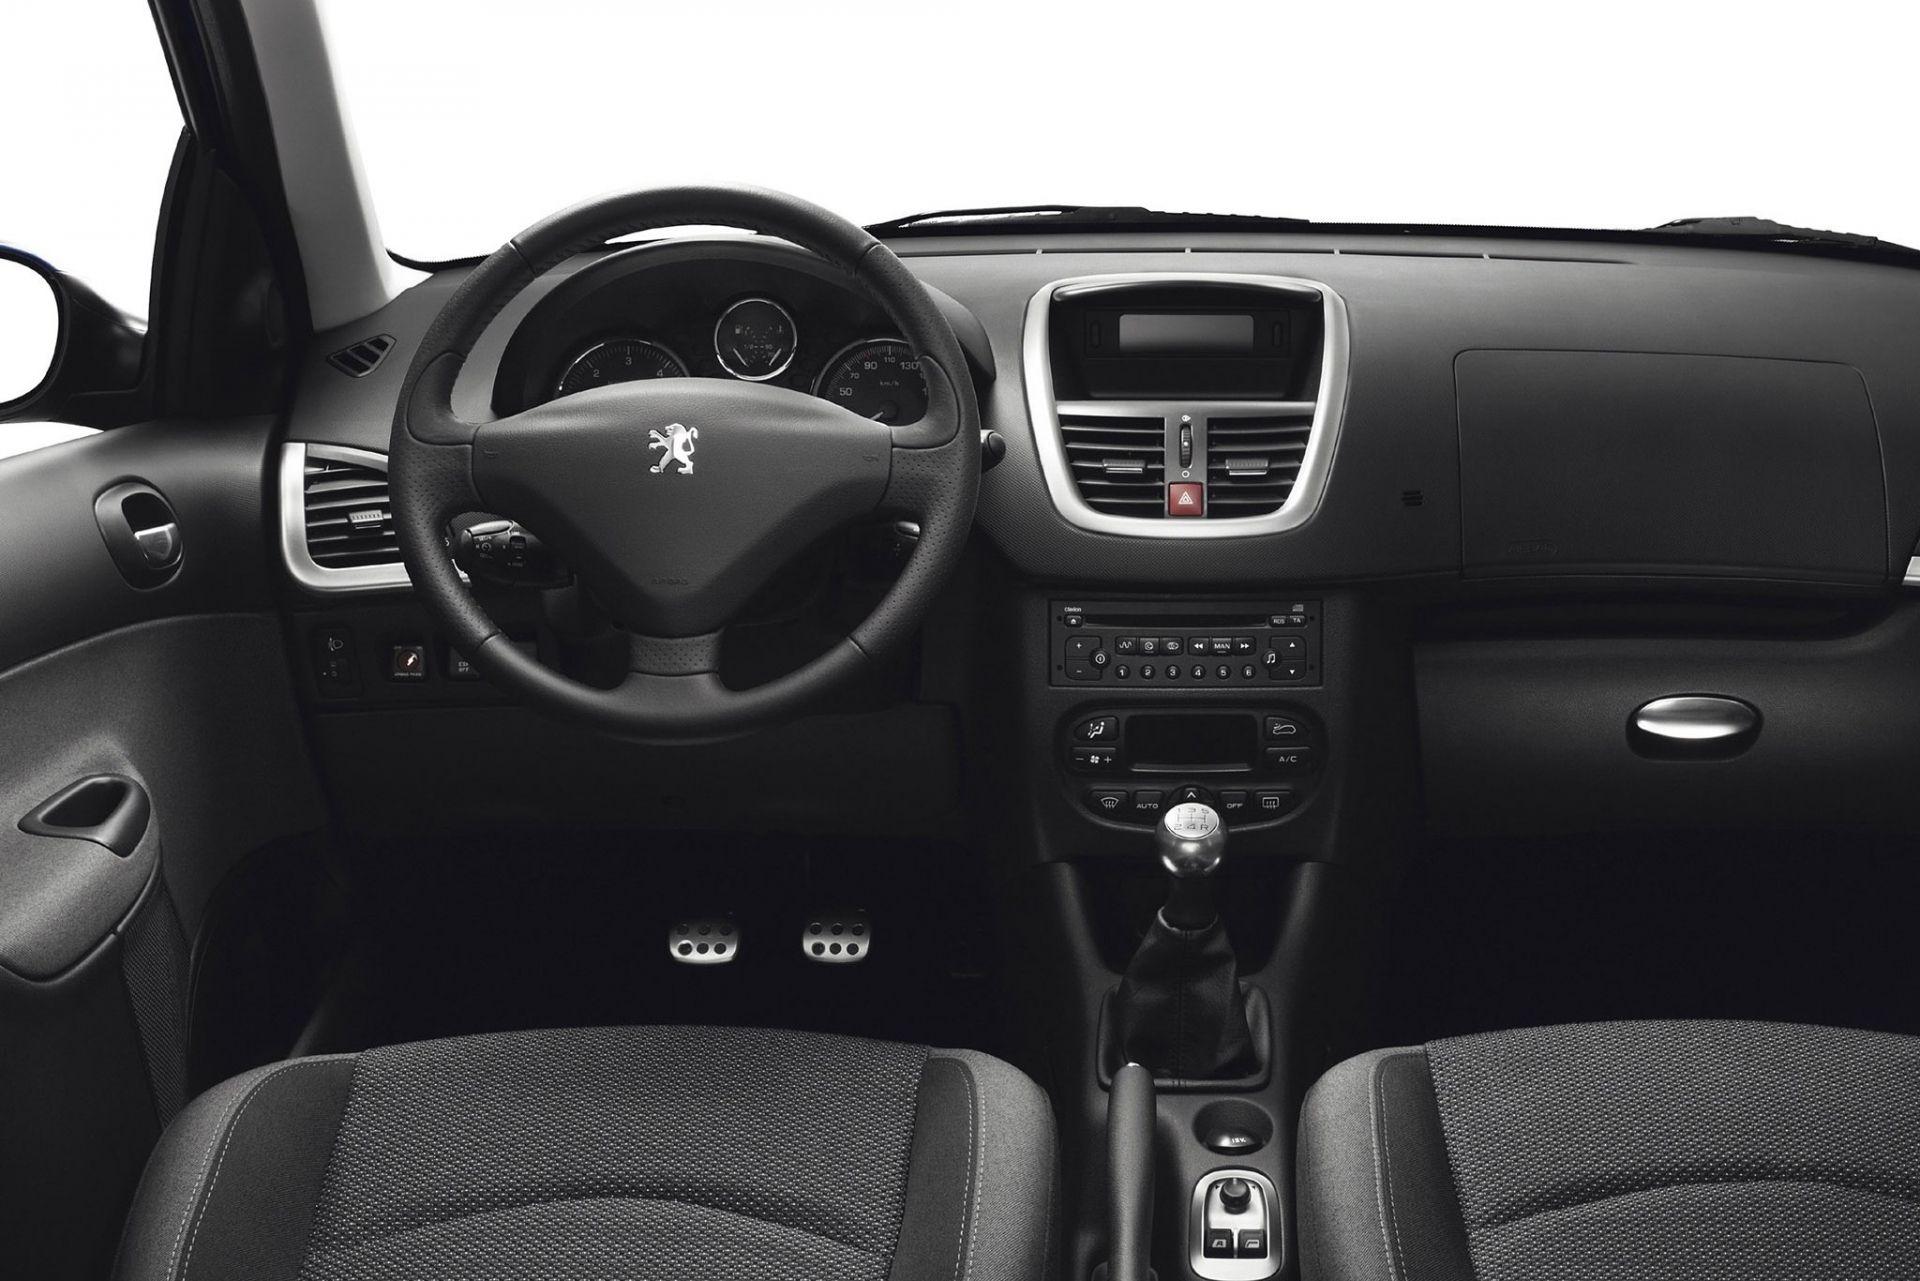 Можно ли установить на Peugeot 206 бортовой компьютер